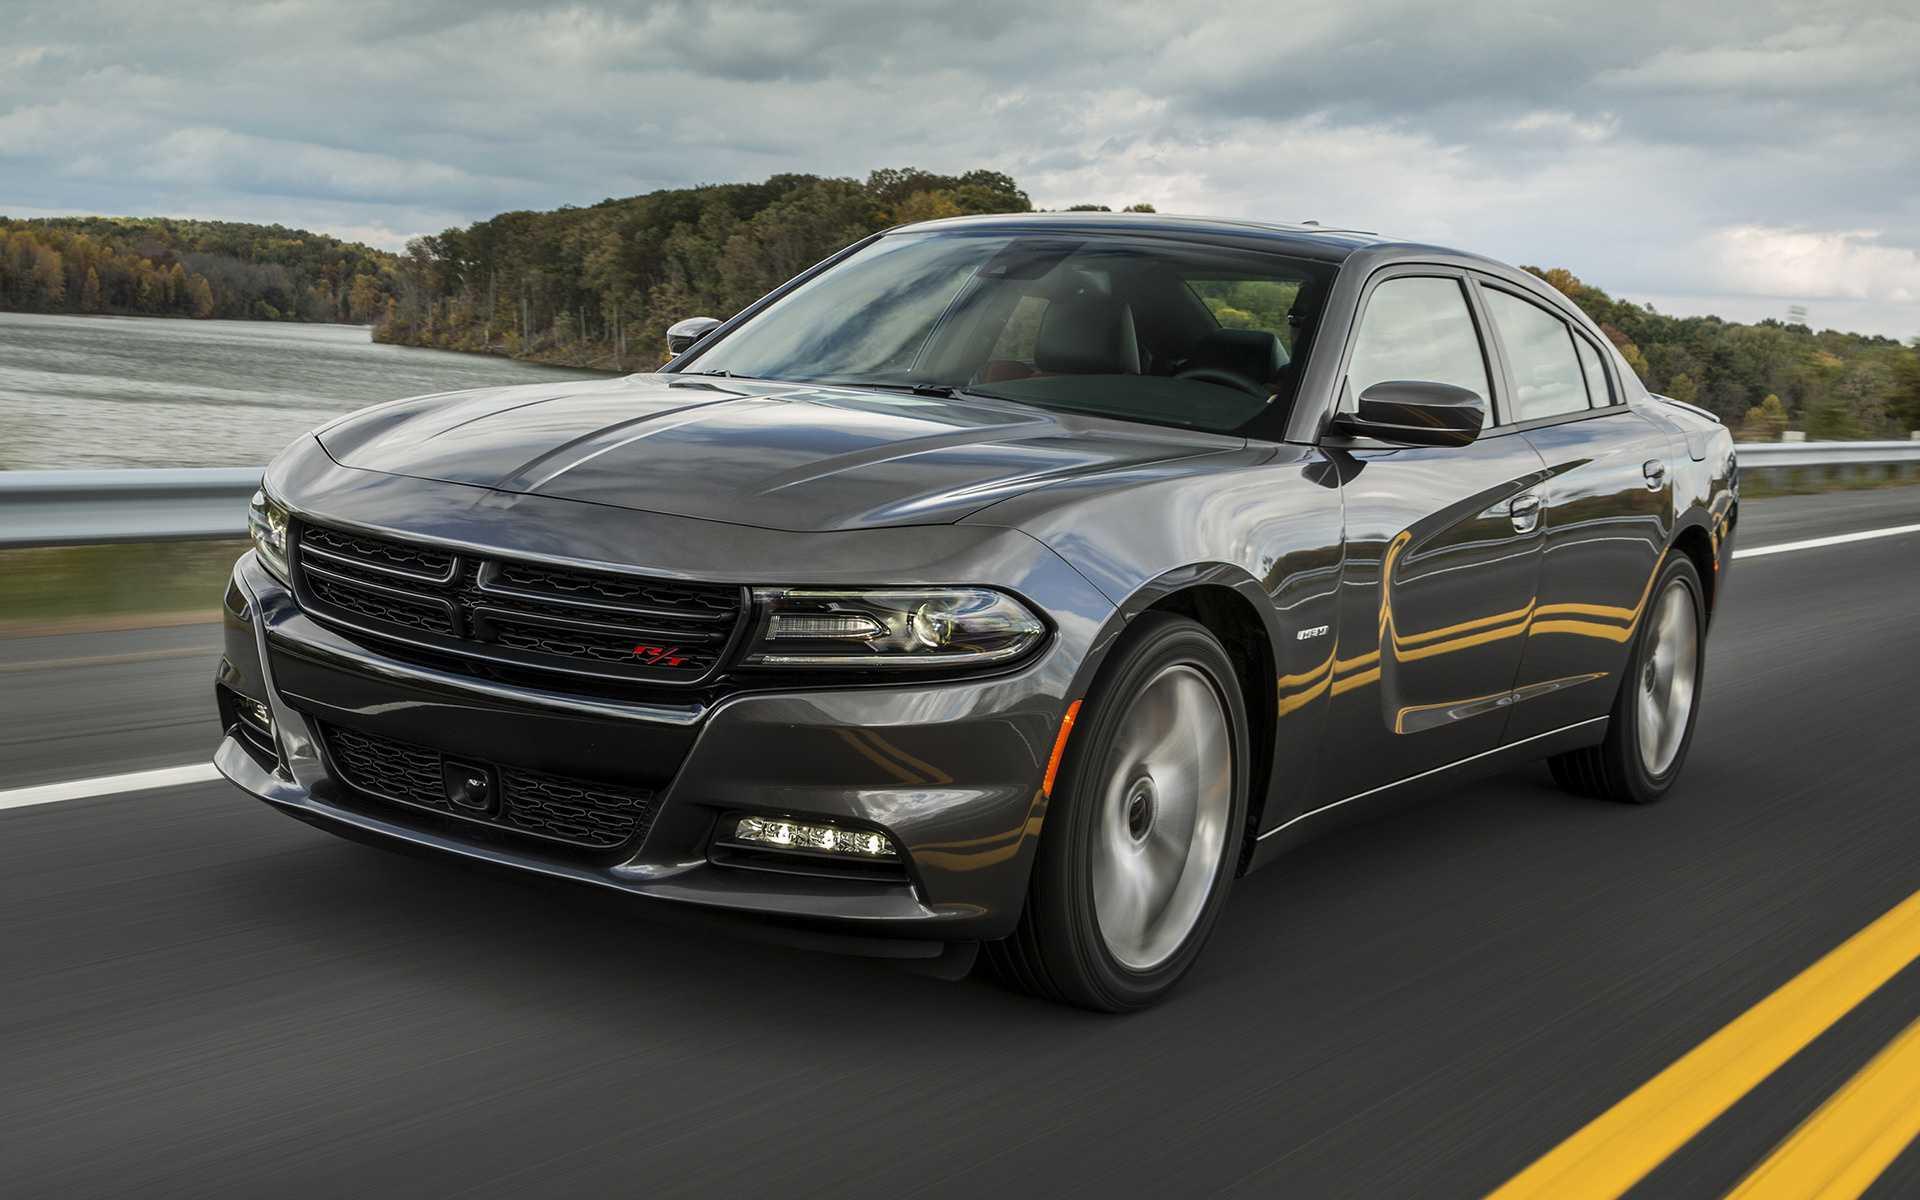 Dodge charger sedan (додж чарджер седан) - продажа, цены, отзывы, фото: 3 объявления